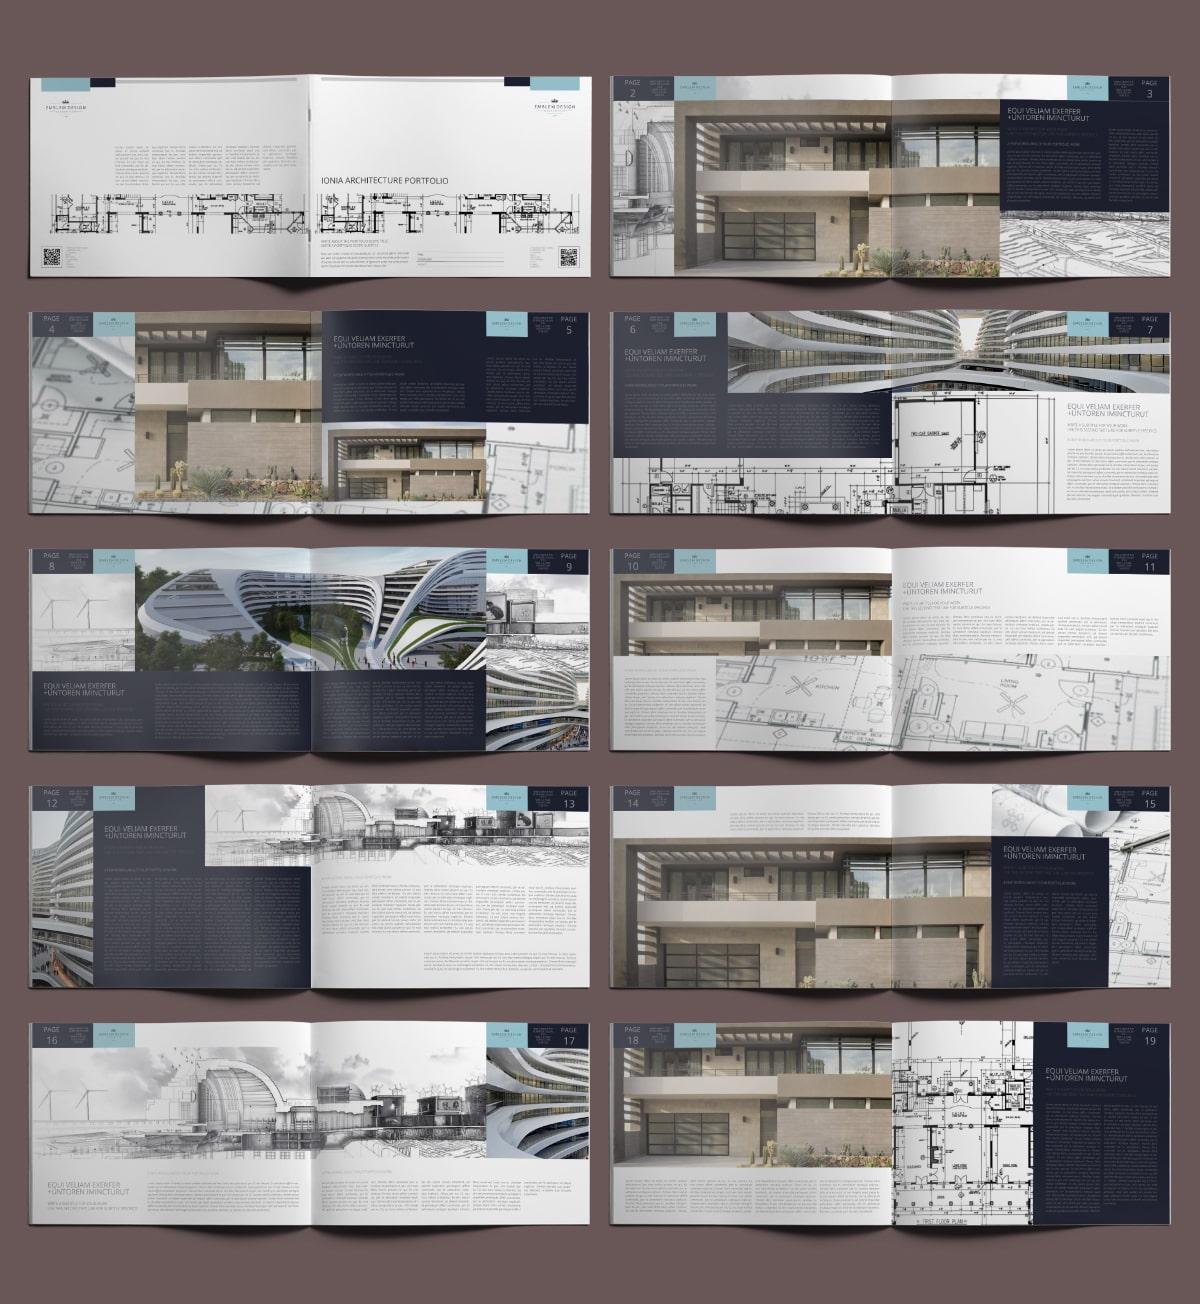 Ionia Architecture Portfolio A4 Landscape - Layouts